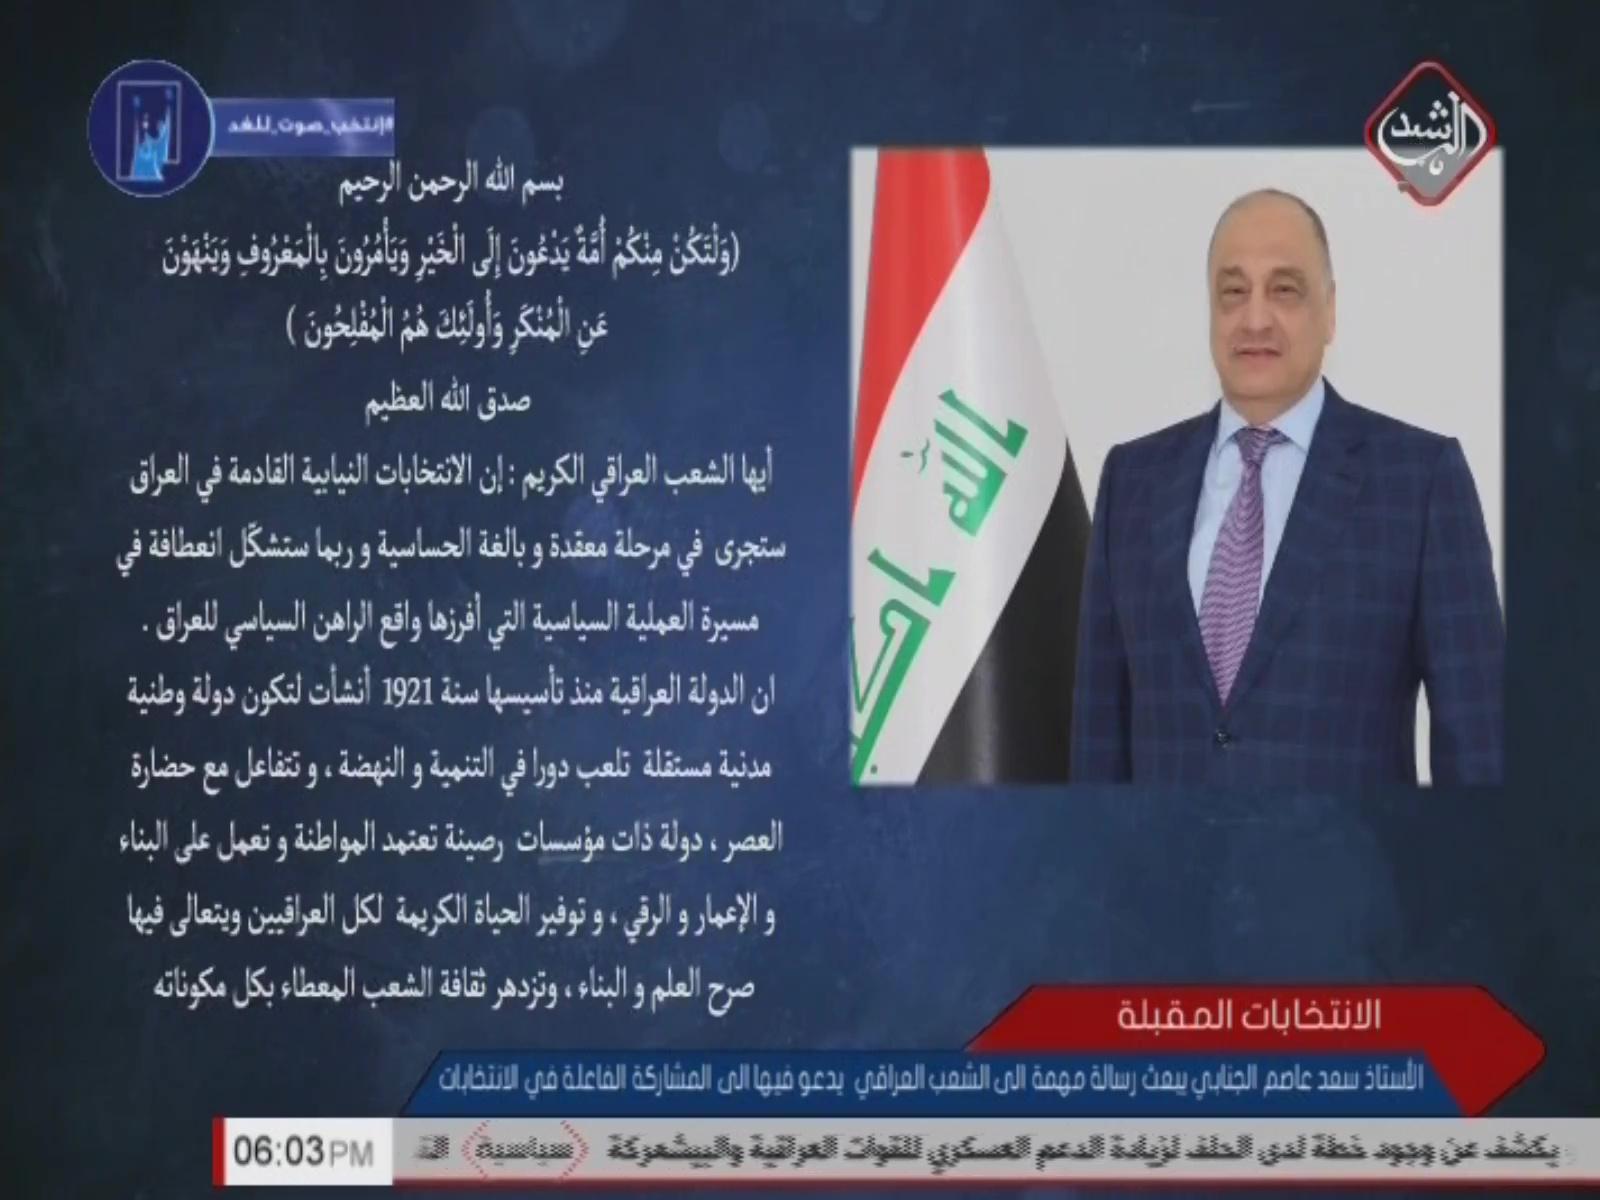 الأستاذ سعد عاصم الجنابي يبعث رسالة مهمة الى الشعب العراقي  يدعو فيها الى المشاركة الفاعلة في الانتخابات